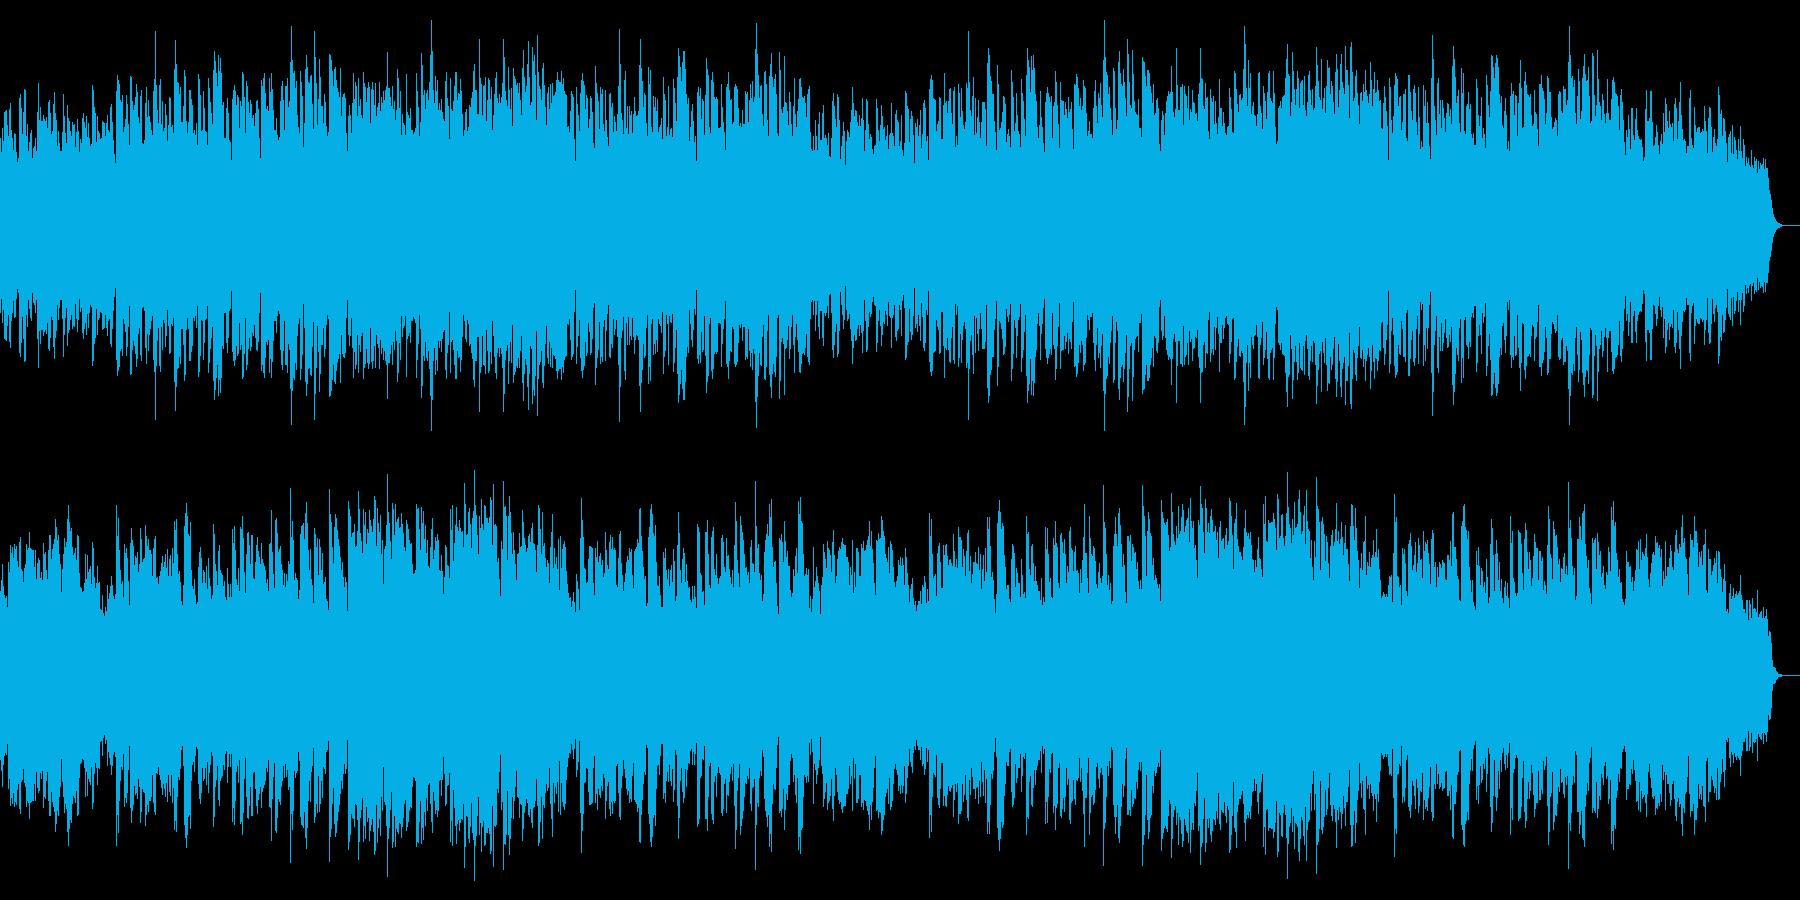 ピアノと鉄琴中心の明るく疾走感あるワルツの再生済みの波形